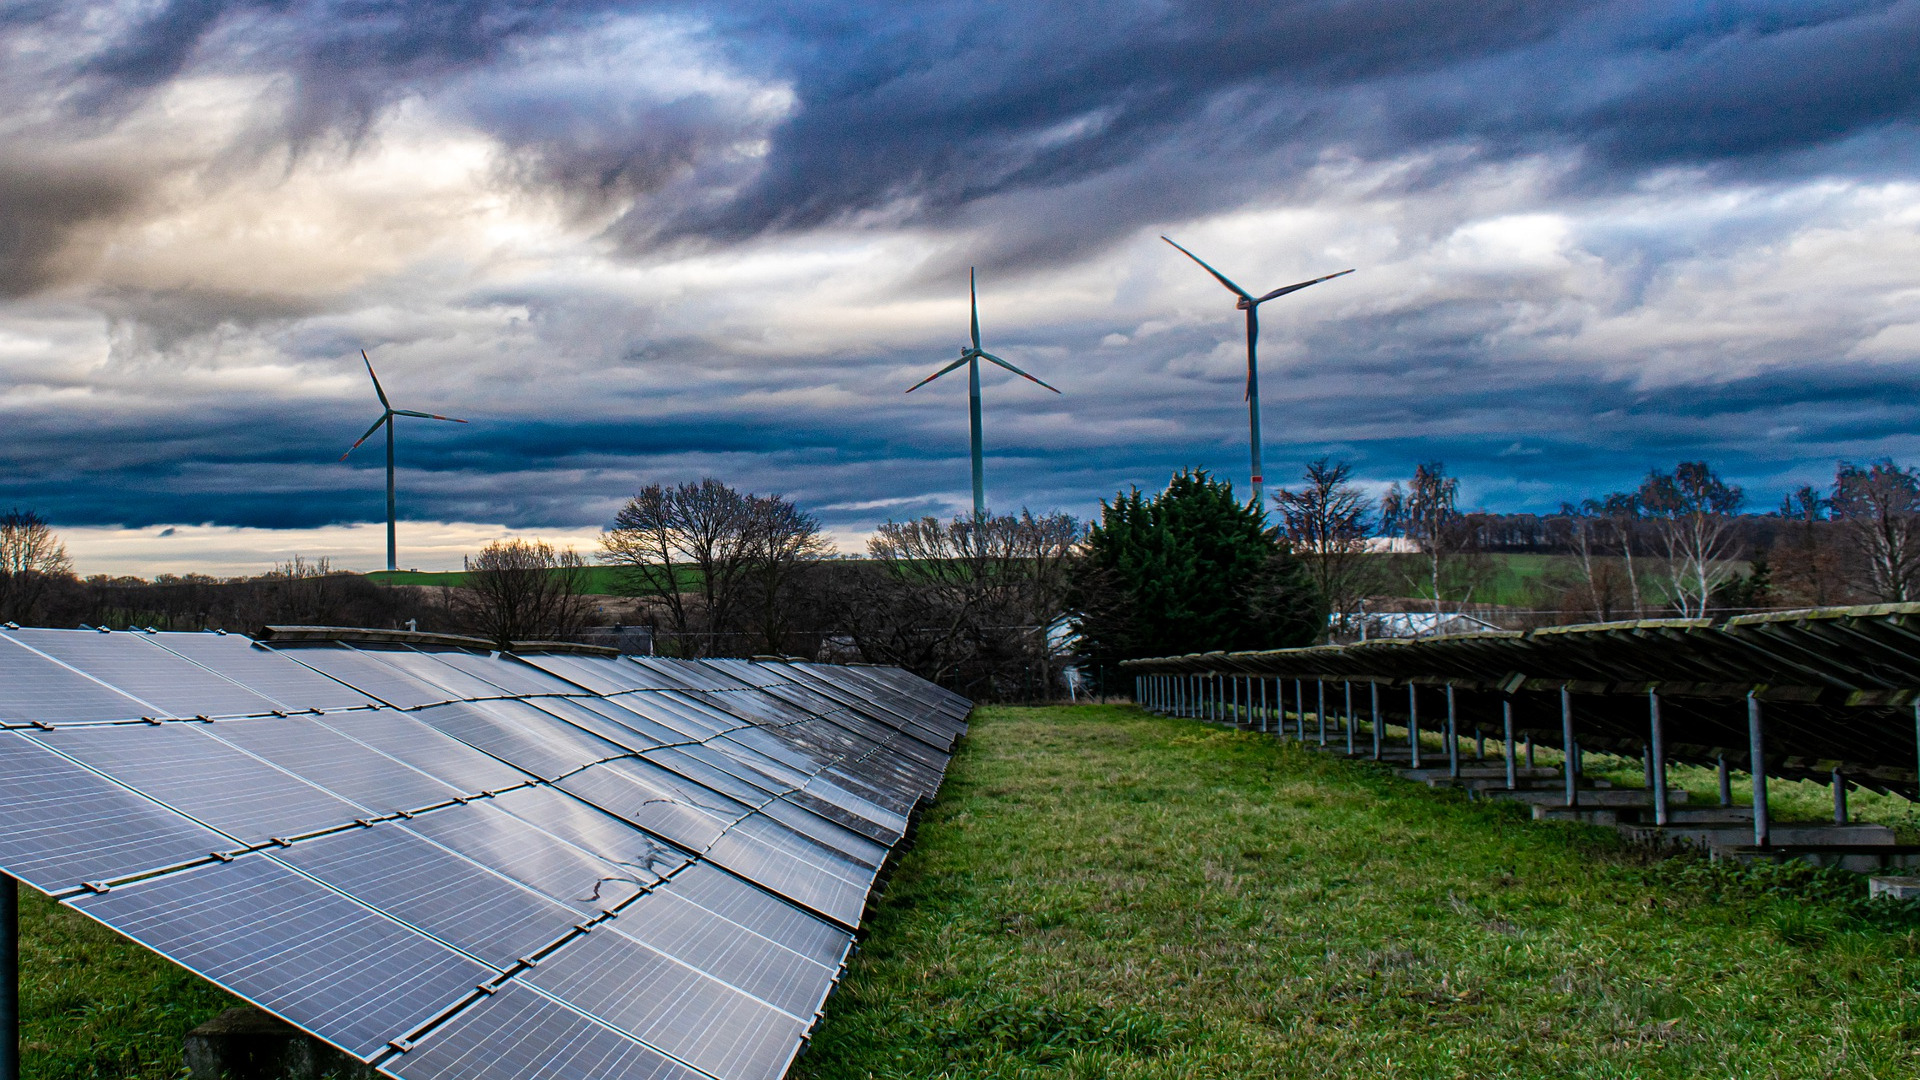 Ayudas para energías renovables en el sector agrario 1920